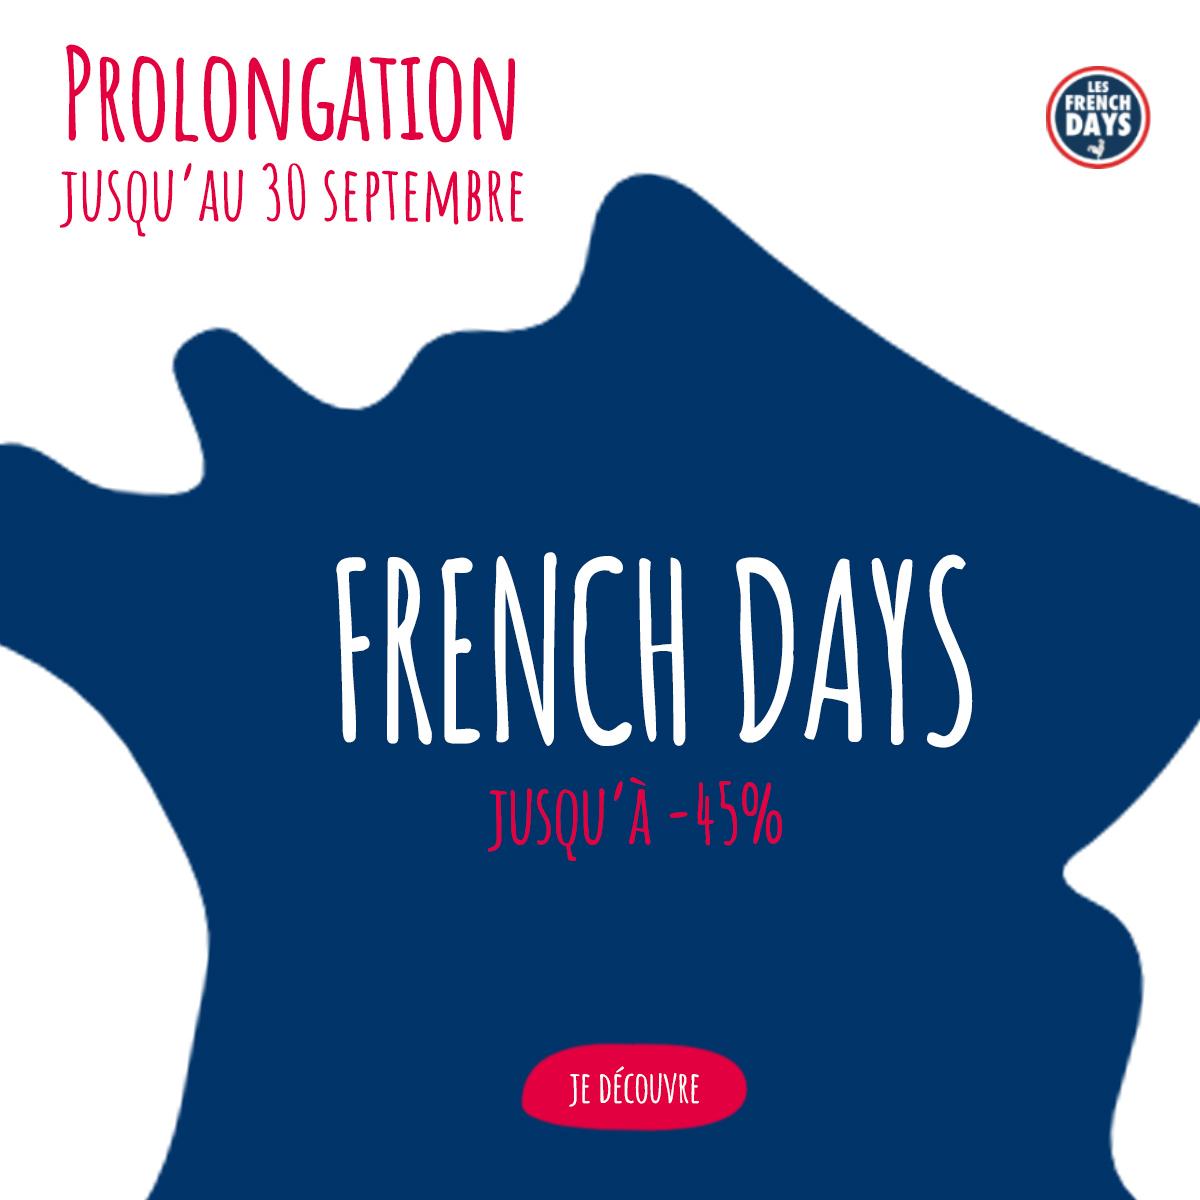 French Days pour bénéficier de 45% sur la literie Adulte et Senior, et 20% sur les literies enfant, bébé, sommier, surmatelas et accessoires.